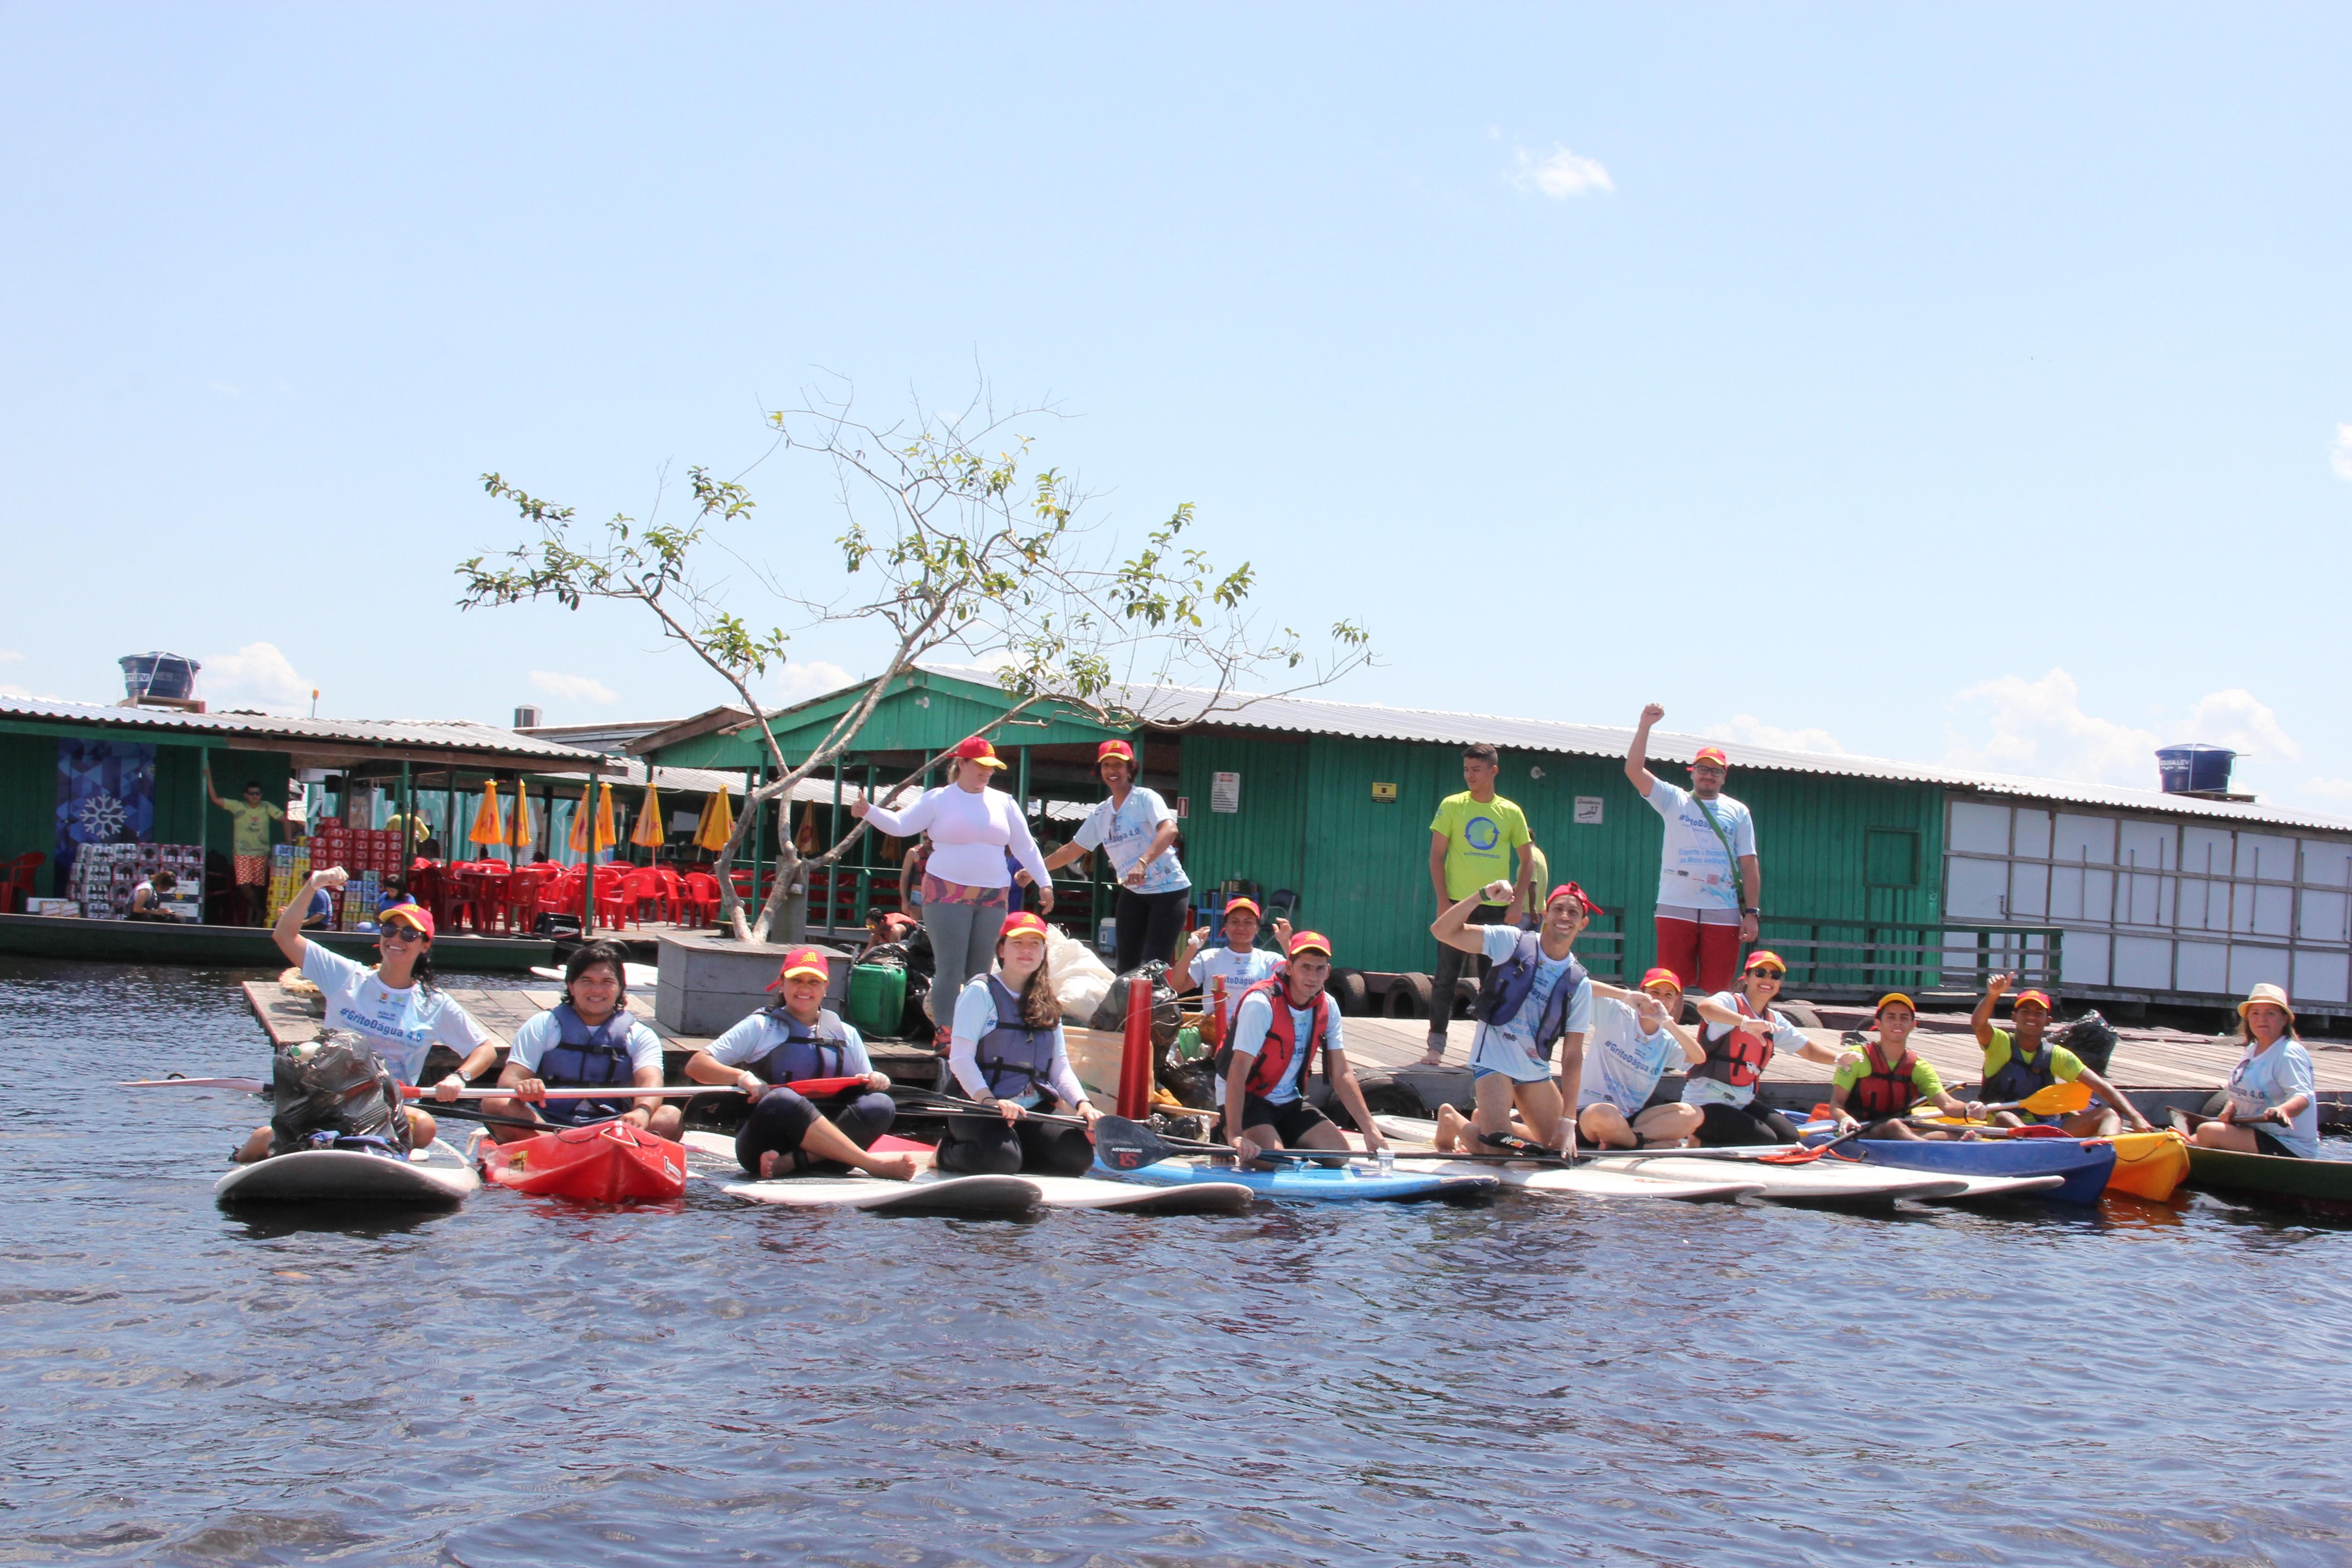 Ação 'Grito D'água' reúne voluntários para limpeza do Lago Tarumã, em Manaus - Radio Evangelho Gospel